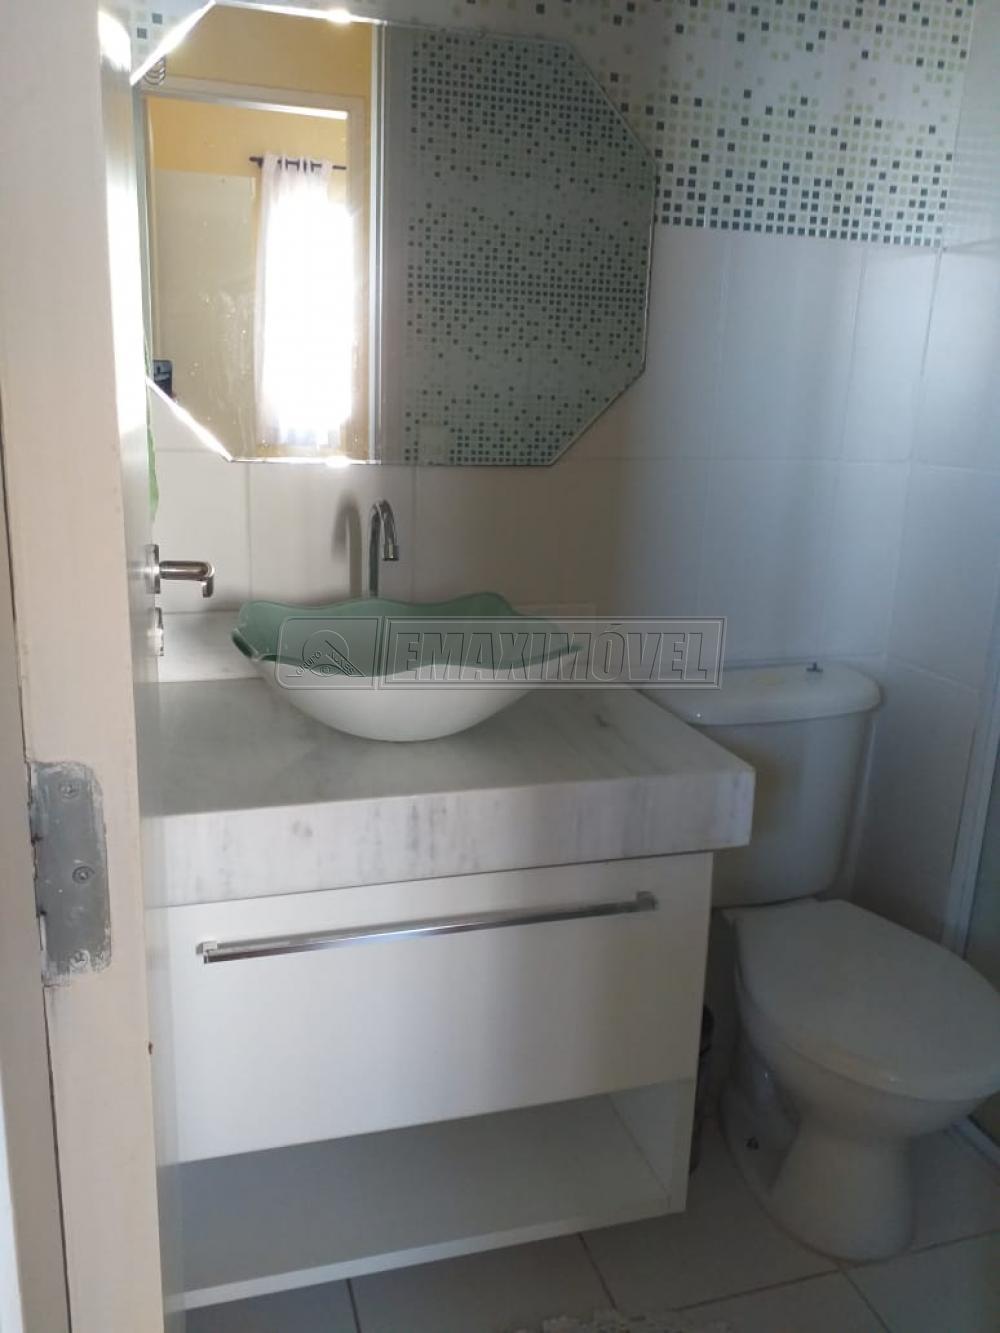 Alugar Apartamentos / Apto Padrão em Sorocaba apenas R$ 1.600,00 - Foto 8